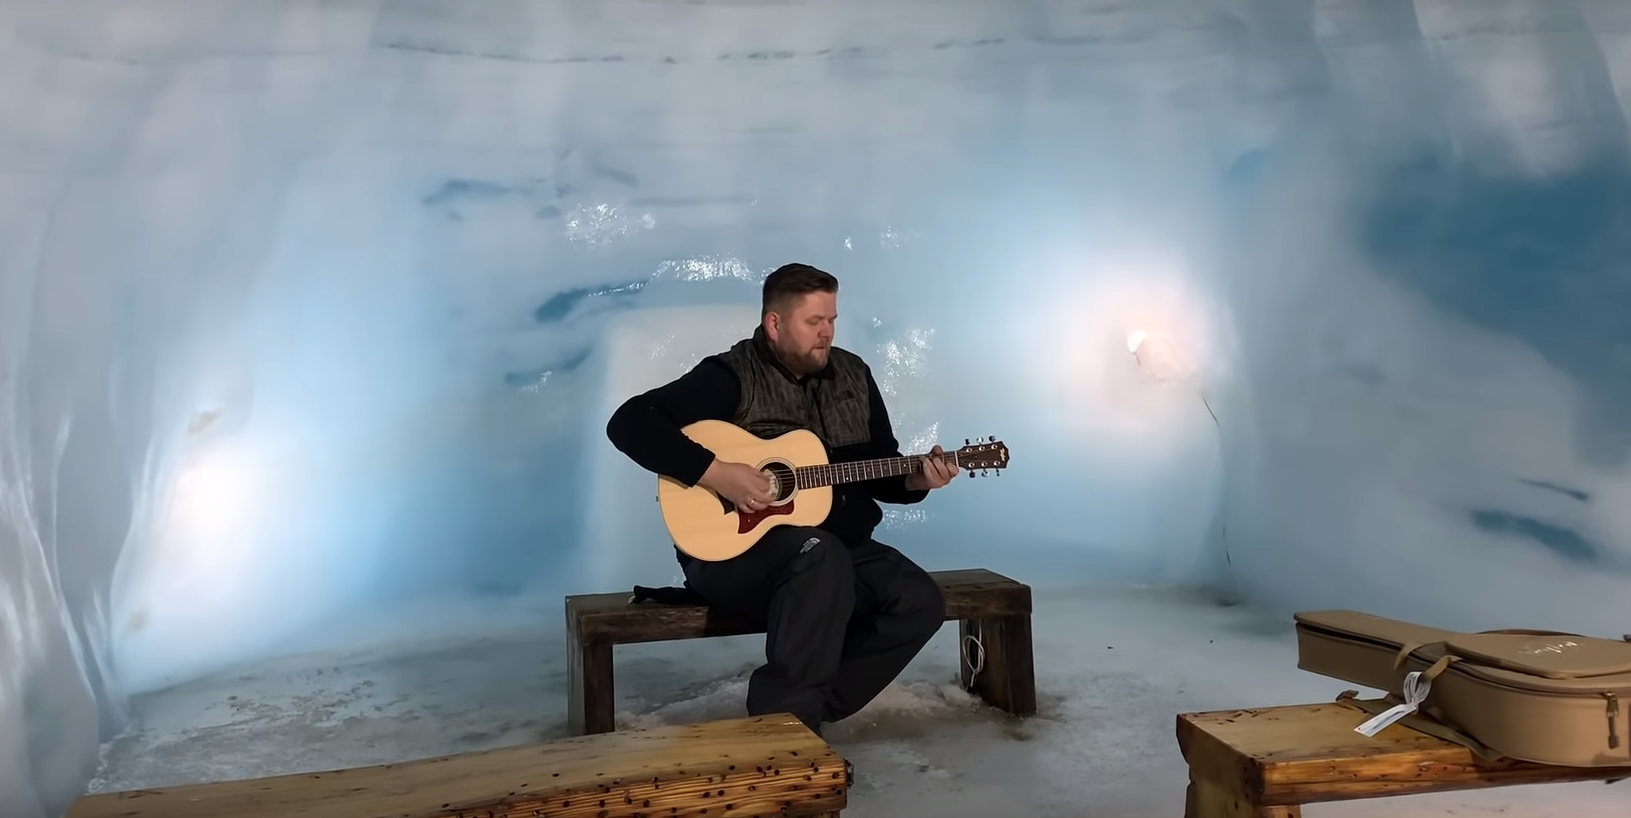 Matti Matt tók ótrúlega ábreiðu af Shallow inn í Langjökli – Myndband